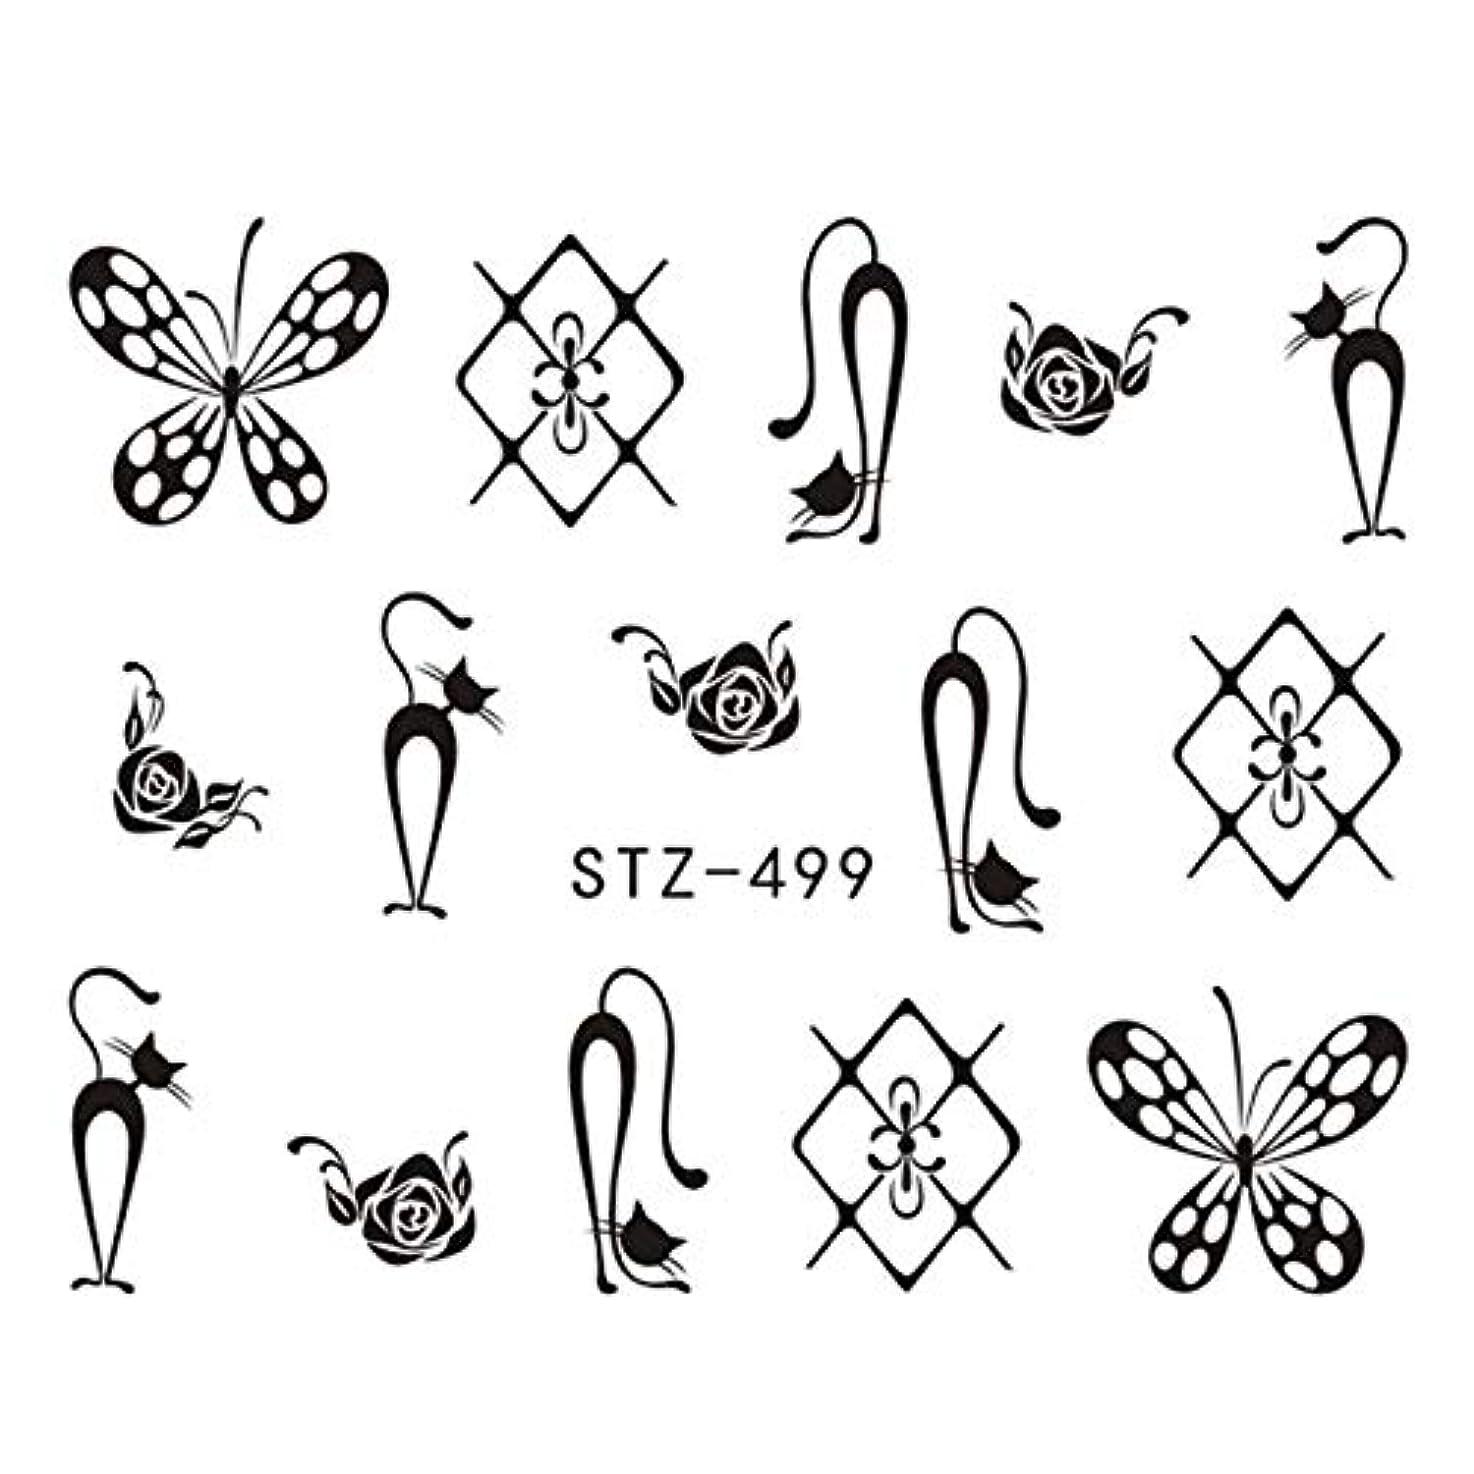 切手においジュースCELINEZL CELINEZL 3 PCS DIYファッション水転写アートデカールネイルステッカー(STZ500) (色 : STZ499)